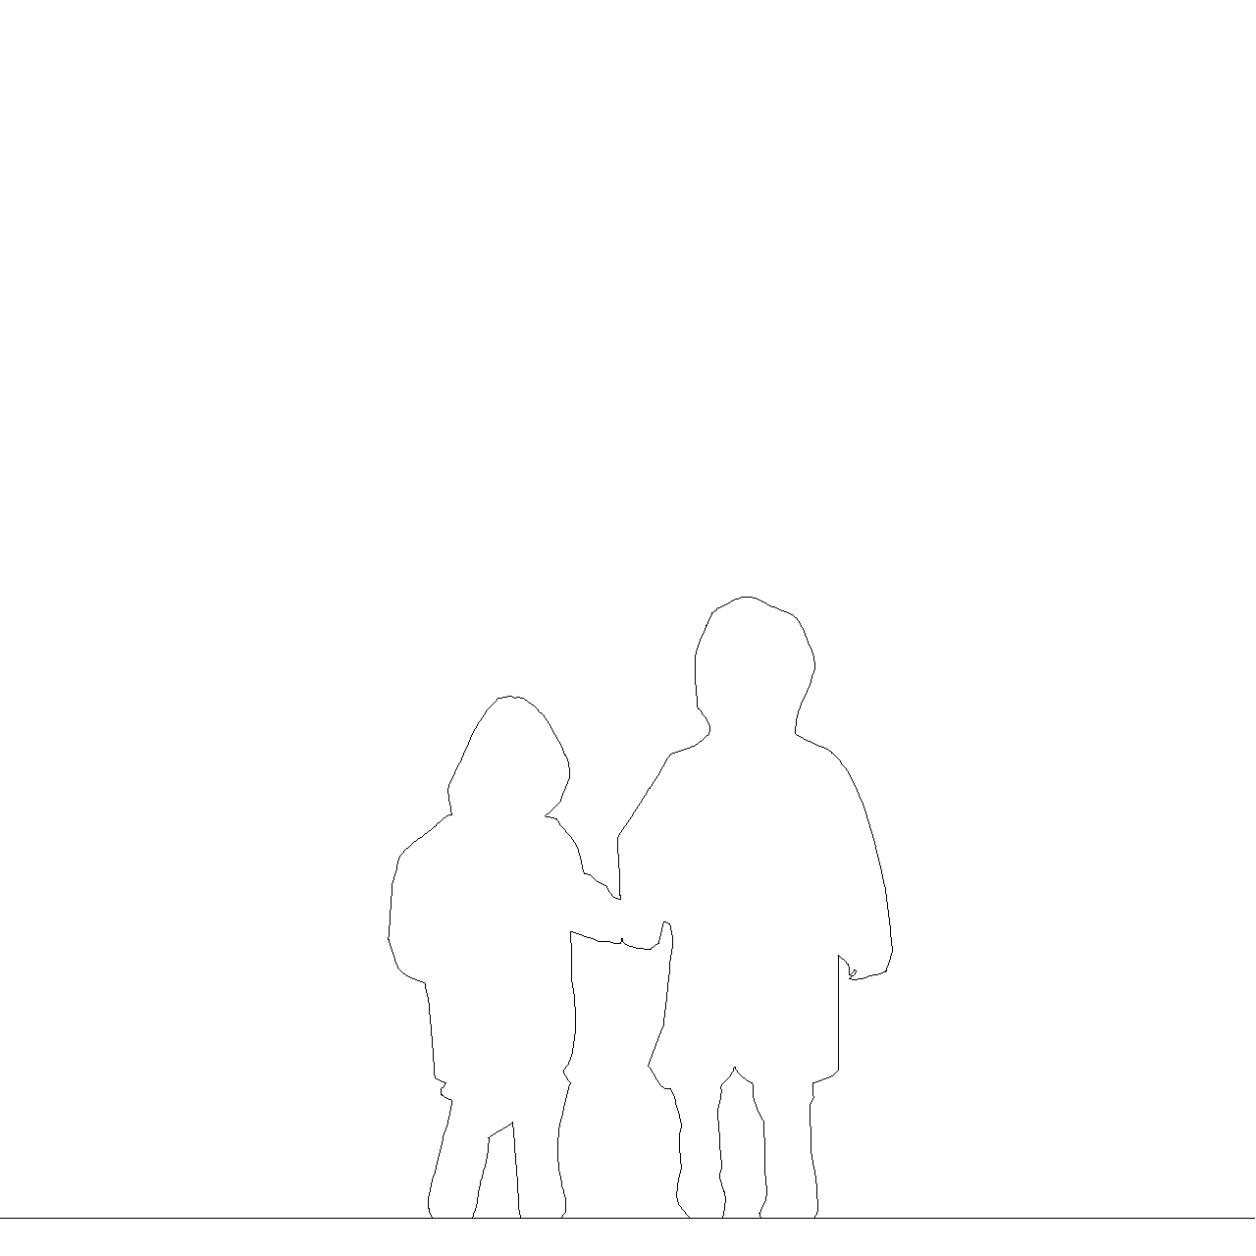 雨具を着て 手をつないで歩く幼い兄弟の2DCAD部品丨シルエット 人間 子供丨無料 商用可能 フリー素材 フリーデータ丨データ形式はAUTOCAD DWG・DXFファイルです|【無料・商用可】2D・3D CADデータ フリーダウンロードサイト